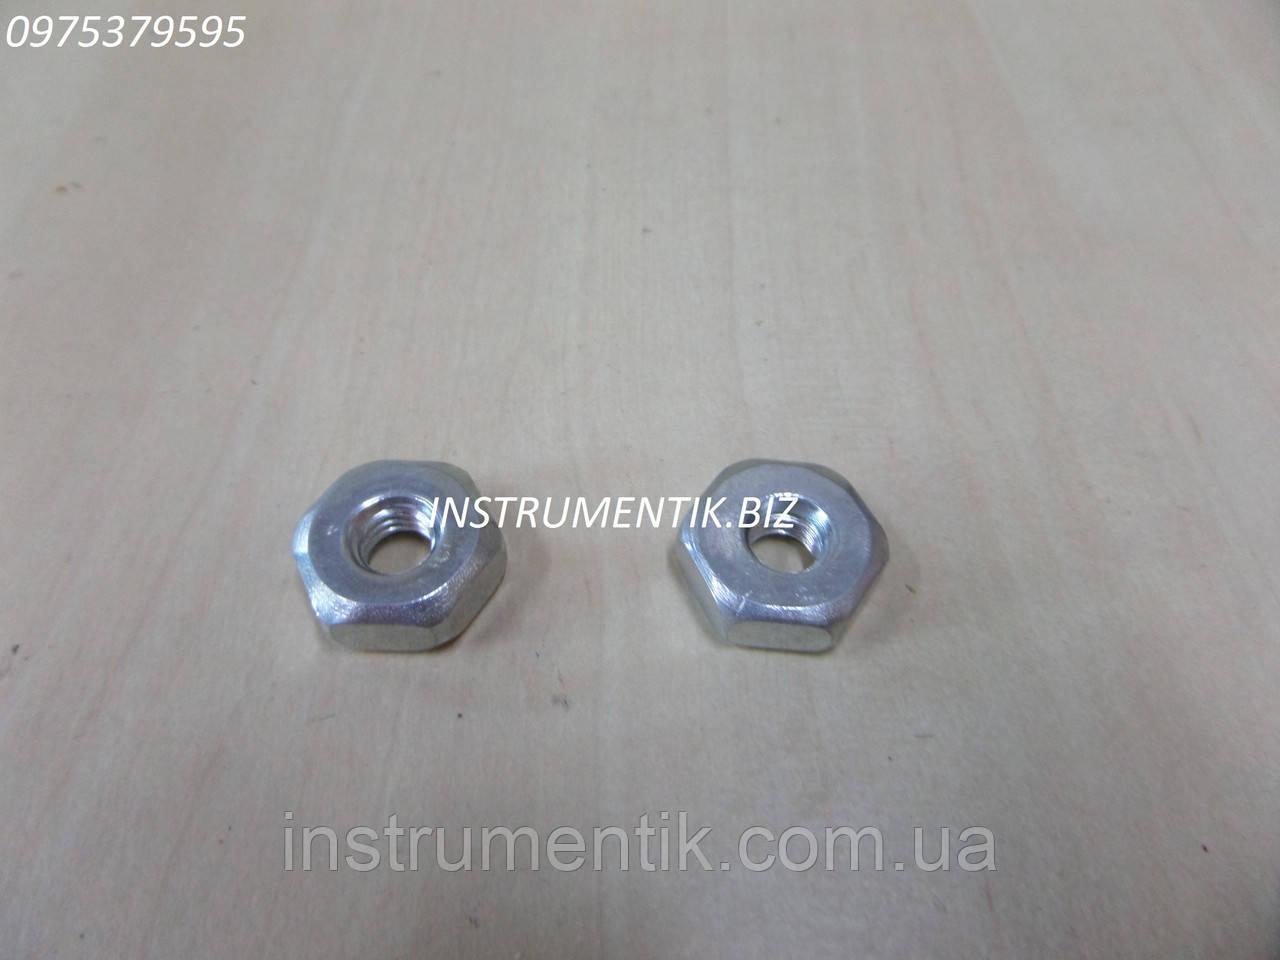 Гайки шины для Stihl MS 180 Winzor